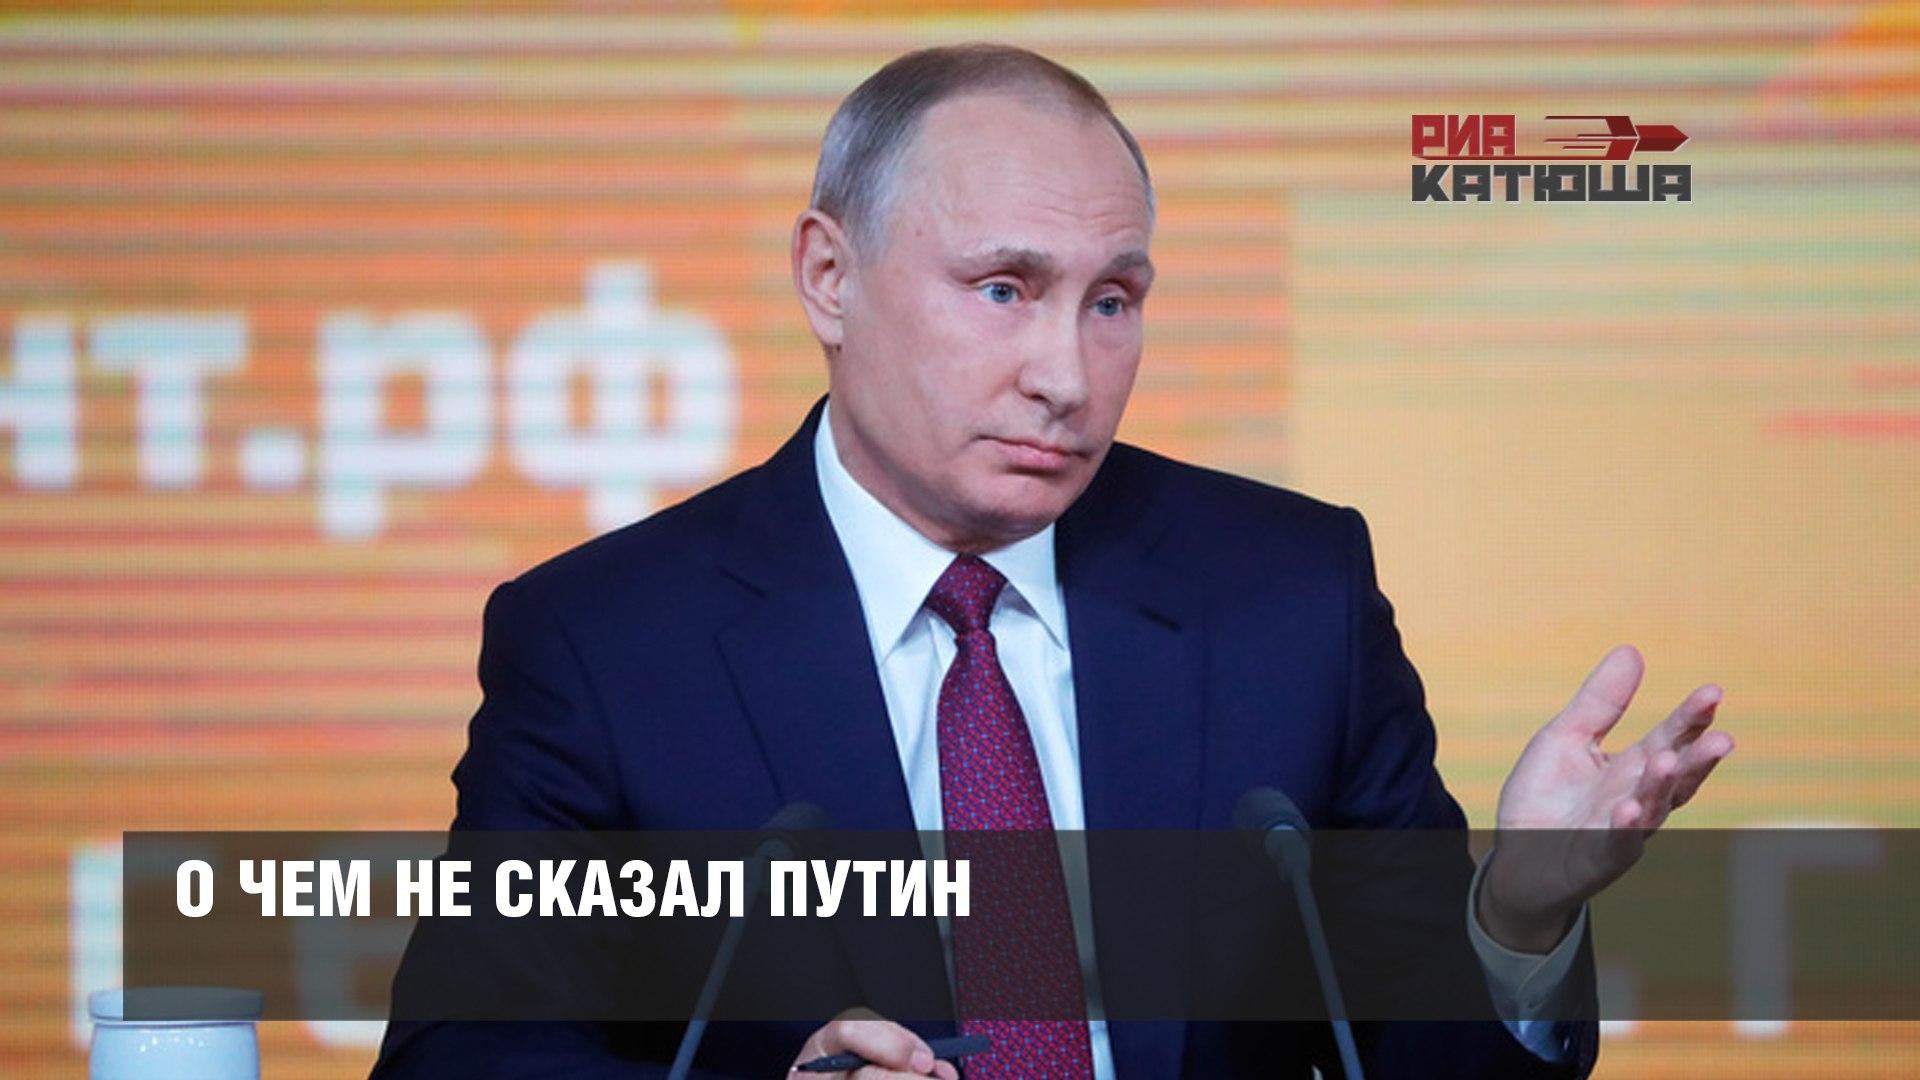 Андрей Цыганов: «О ЧЕМ НЕ СКАЗАЛ ПУТИН» (14.12.17)